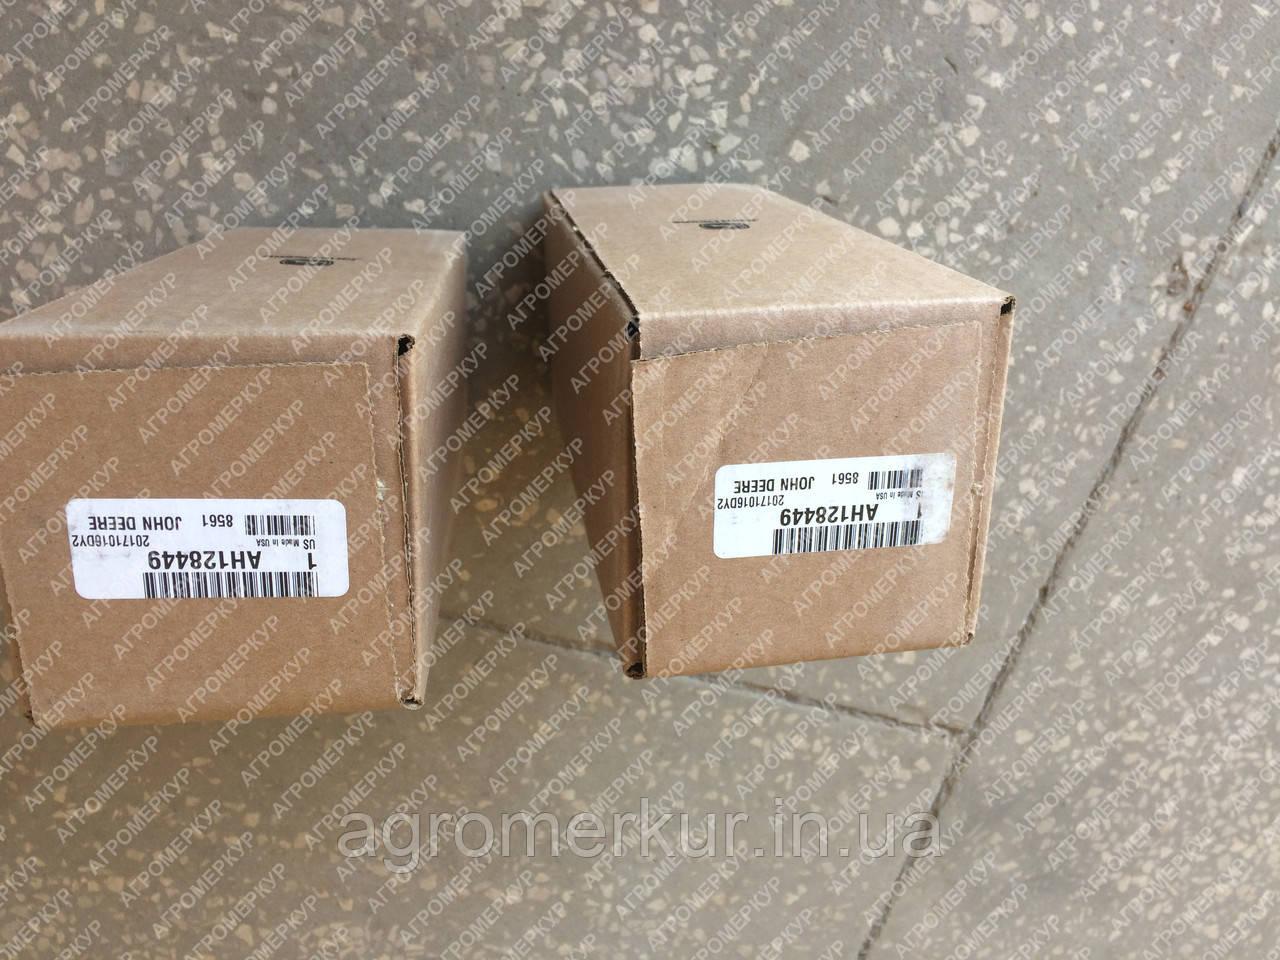 Фильтр гидравлики AH128449 John Deere